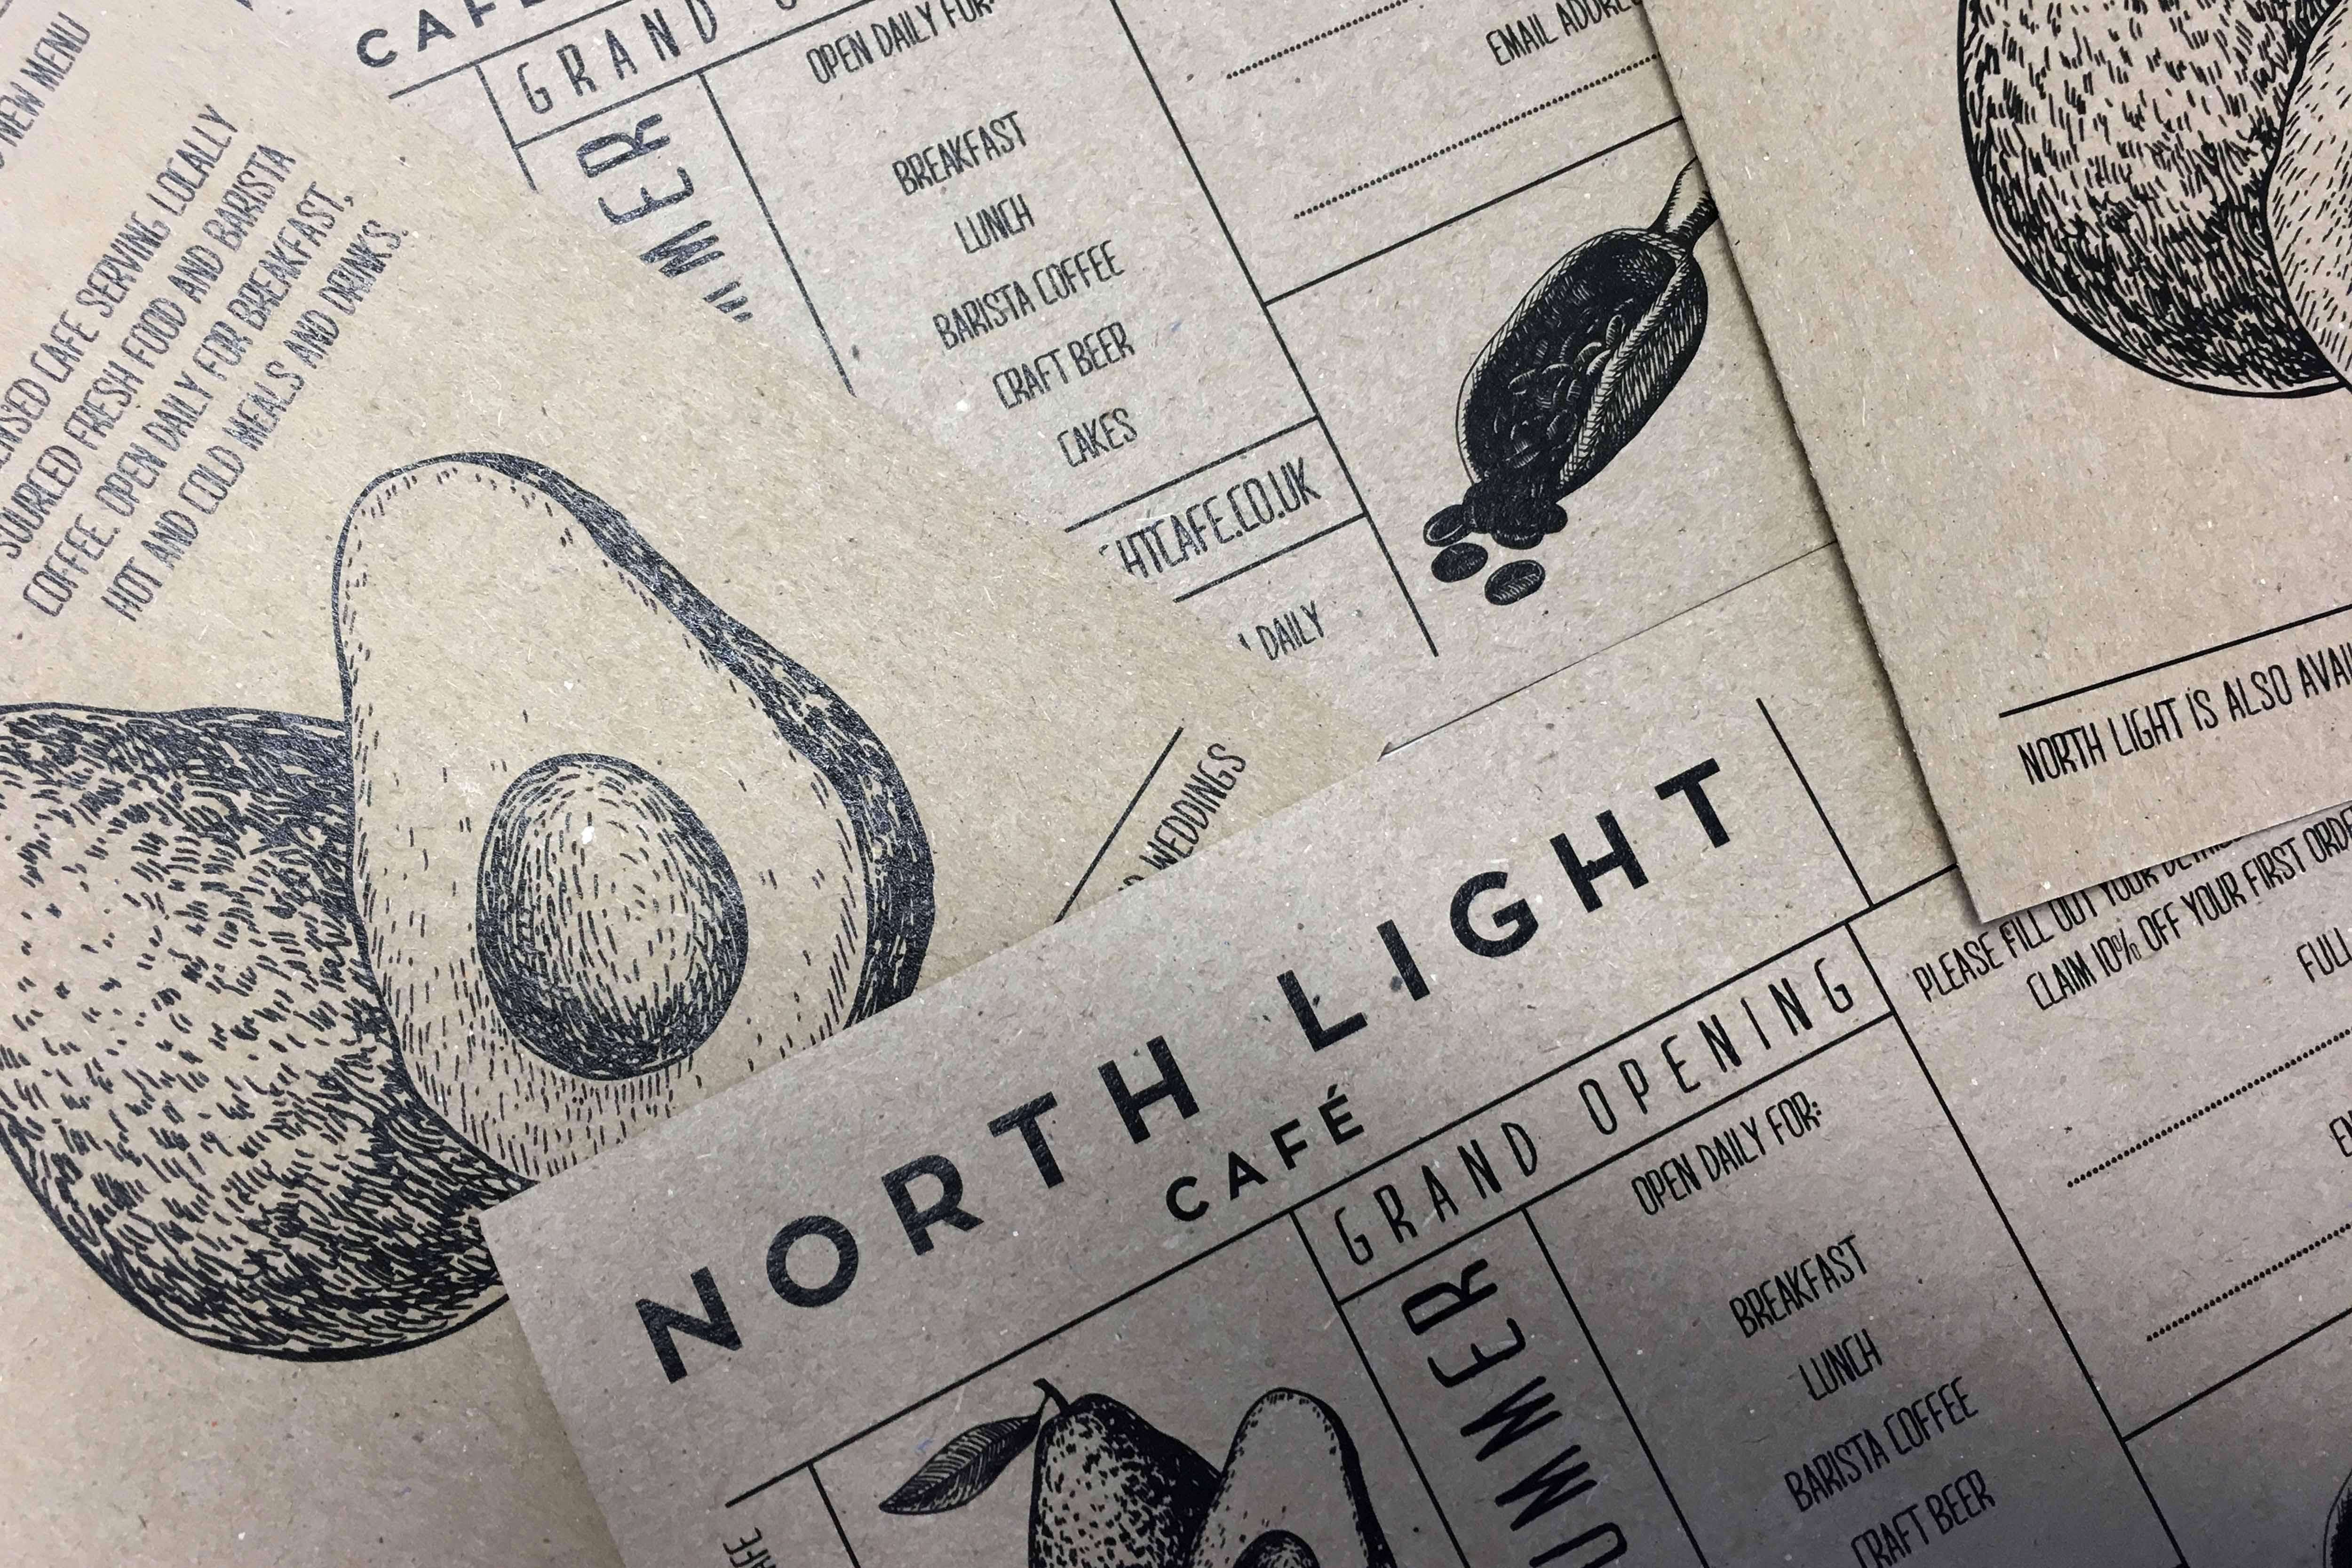 North Light Leaflet Design